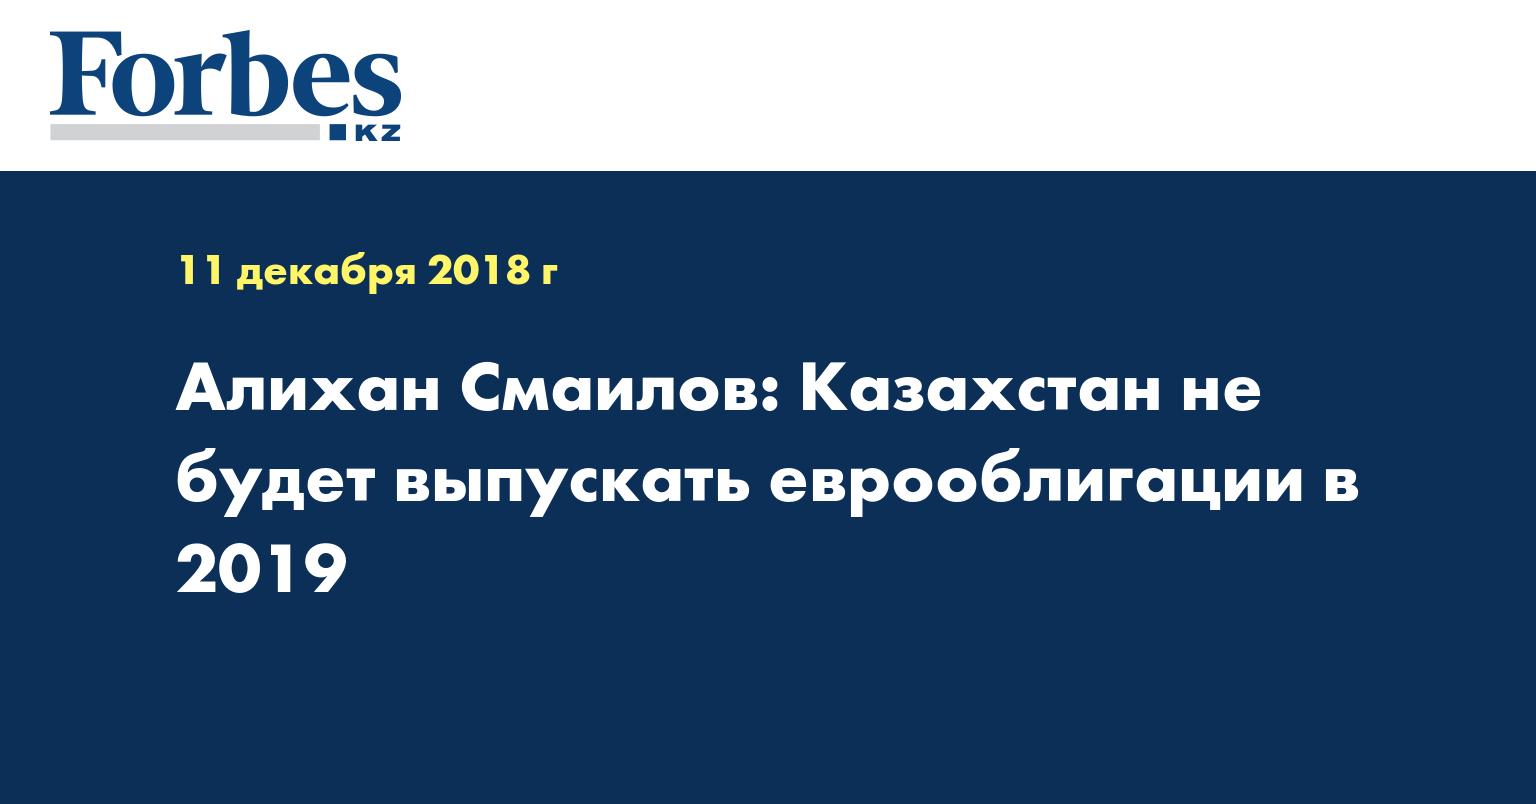 Алихан Смаилов: Казахстан не будет выпускать еврооблигации в 2019